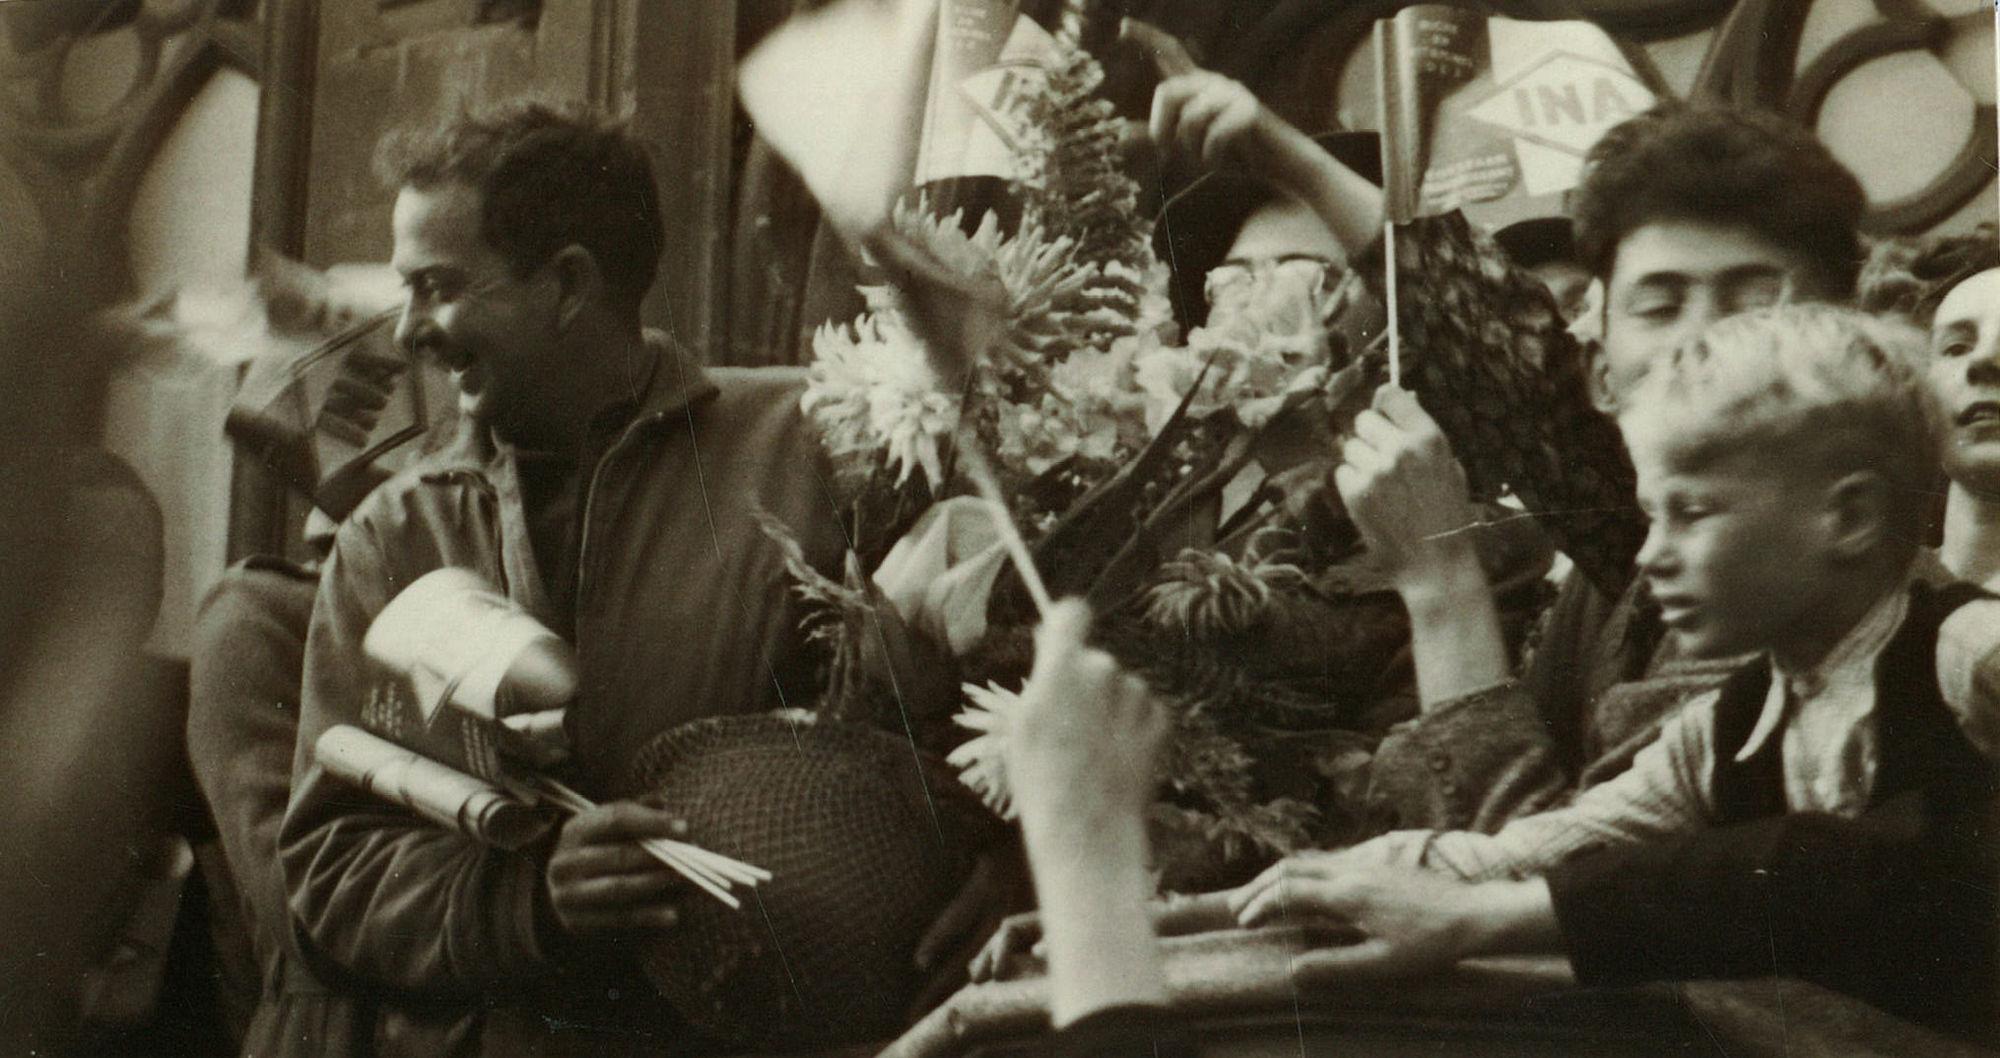 Luitenant Walter Goodman in 1944